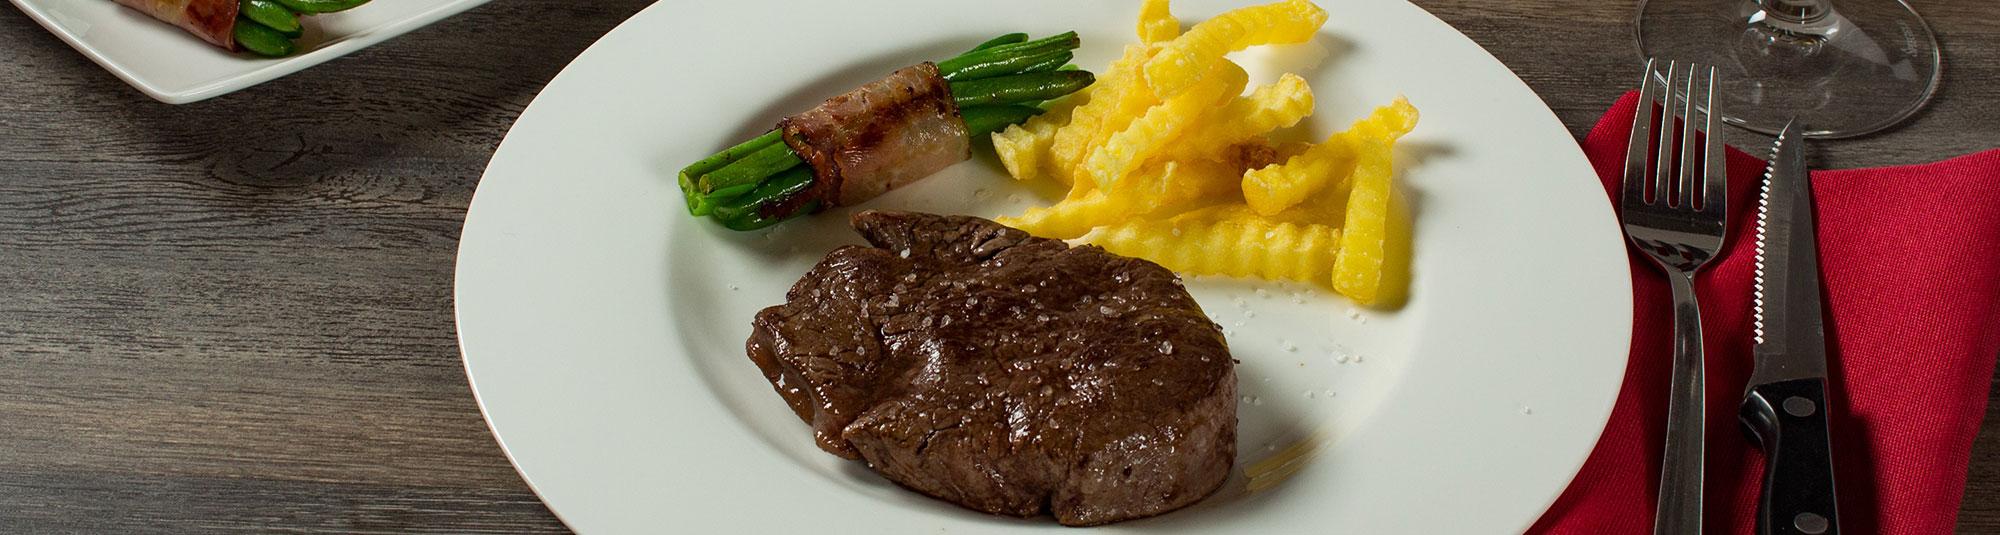 Iglo Steak mit Fisolen im Speckmantel